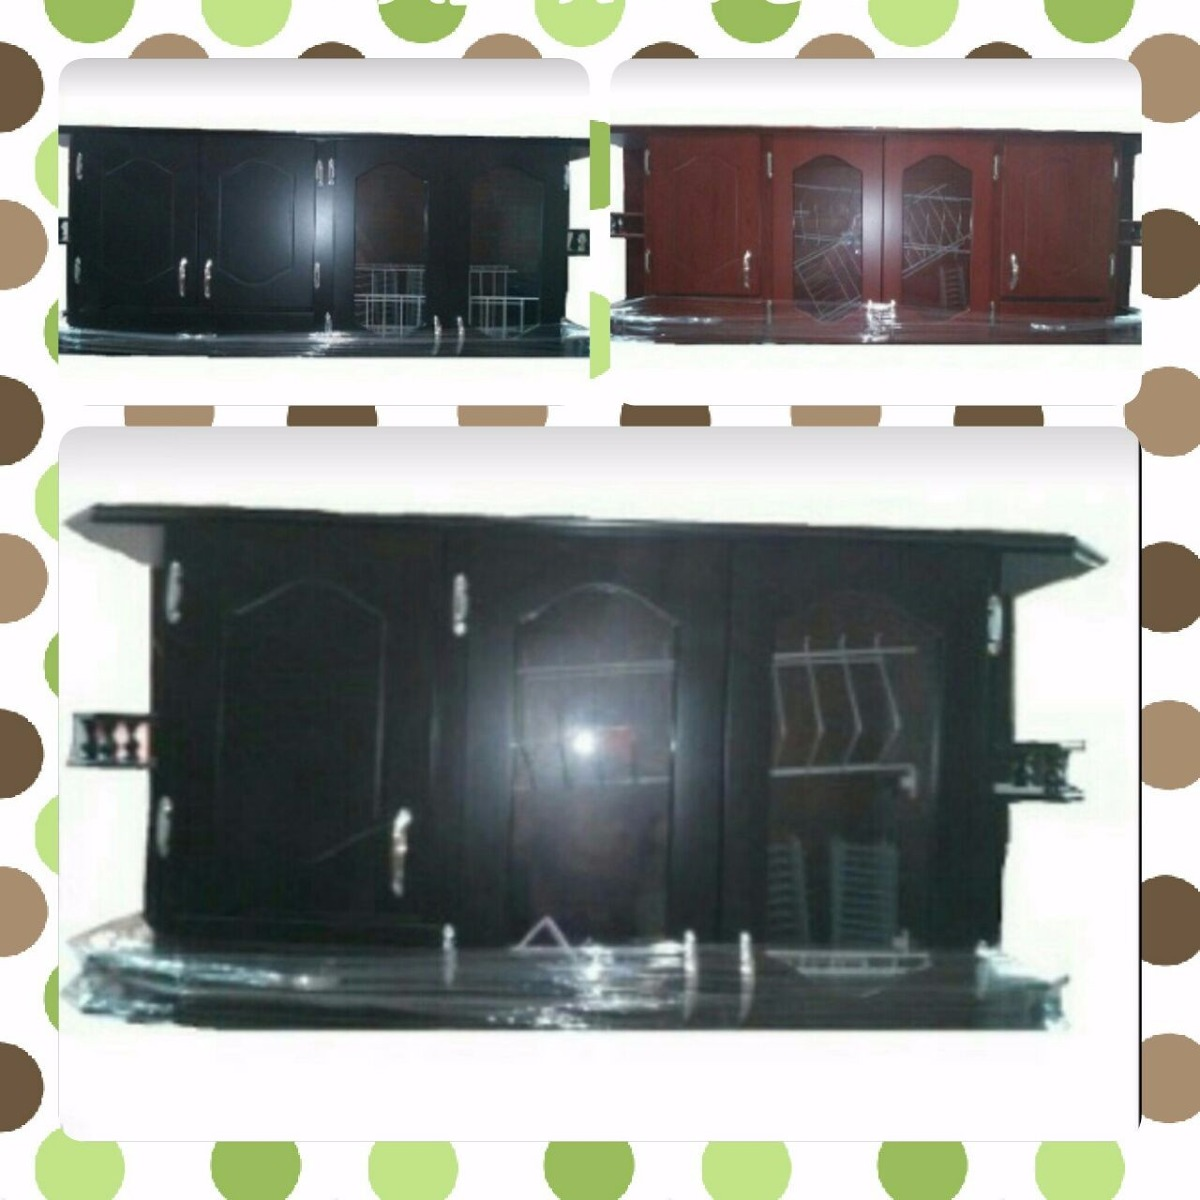 Gabinete De Cocina 130cm Envio Gratis Medellin -   240.000 en ... e27f5d25a255